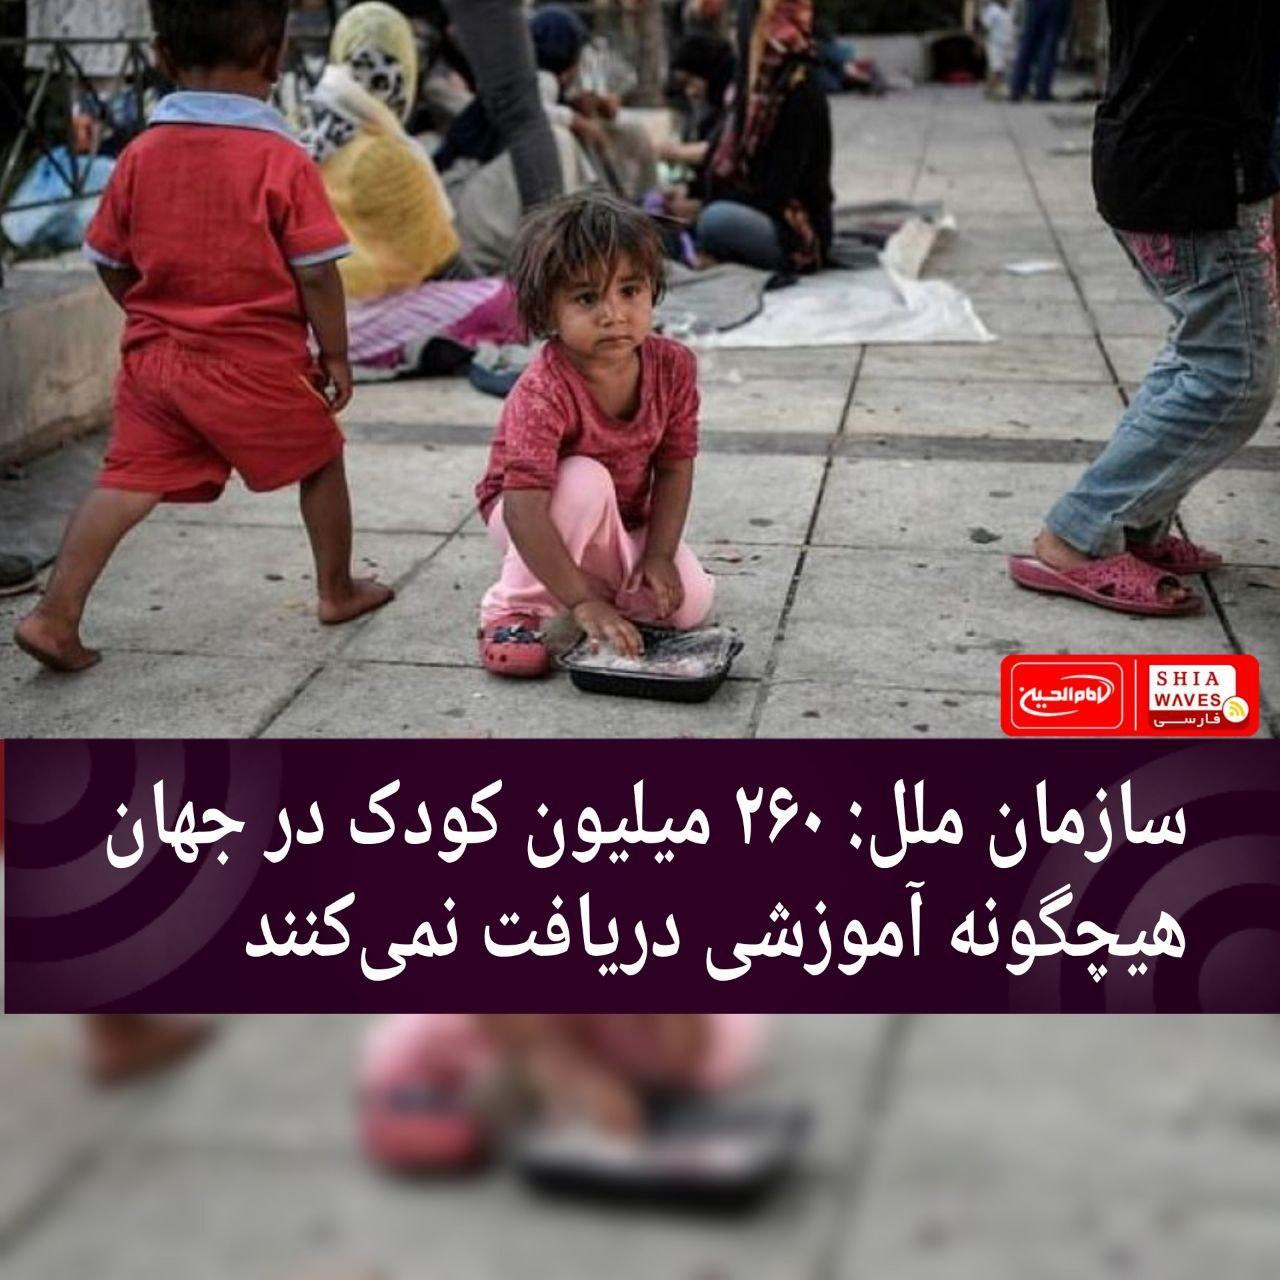 تصویر سازمان ملل: ۲۶۰ میلیون کودک در جهان هیچگونه آموزشی دریافت نمیکنند